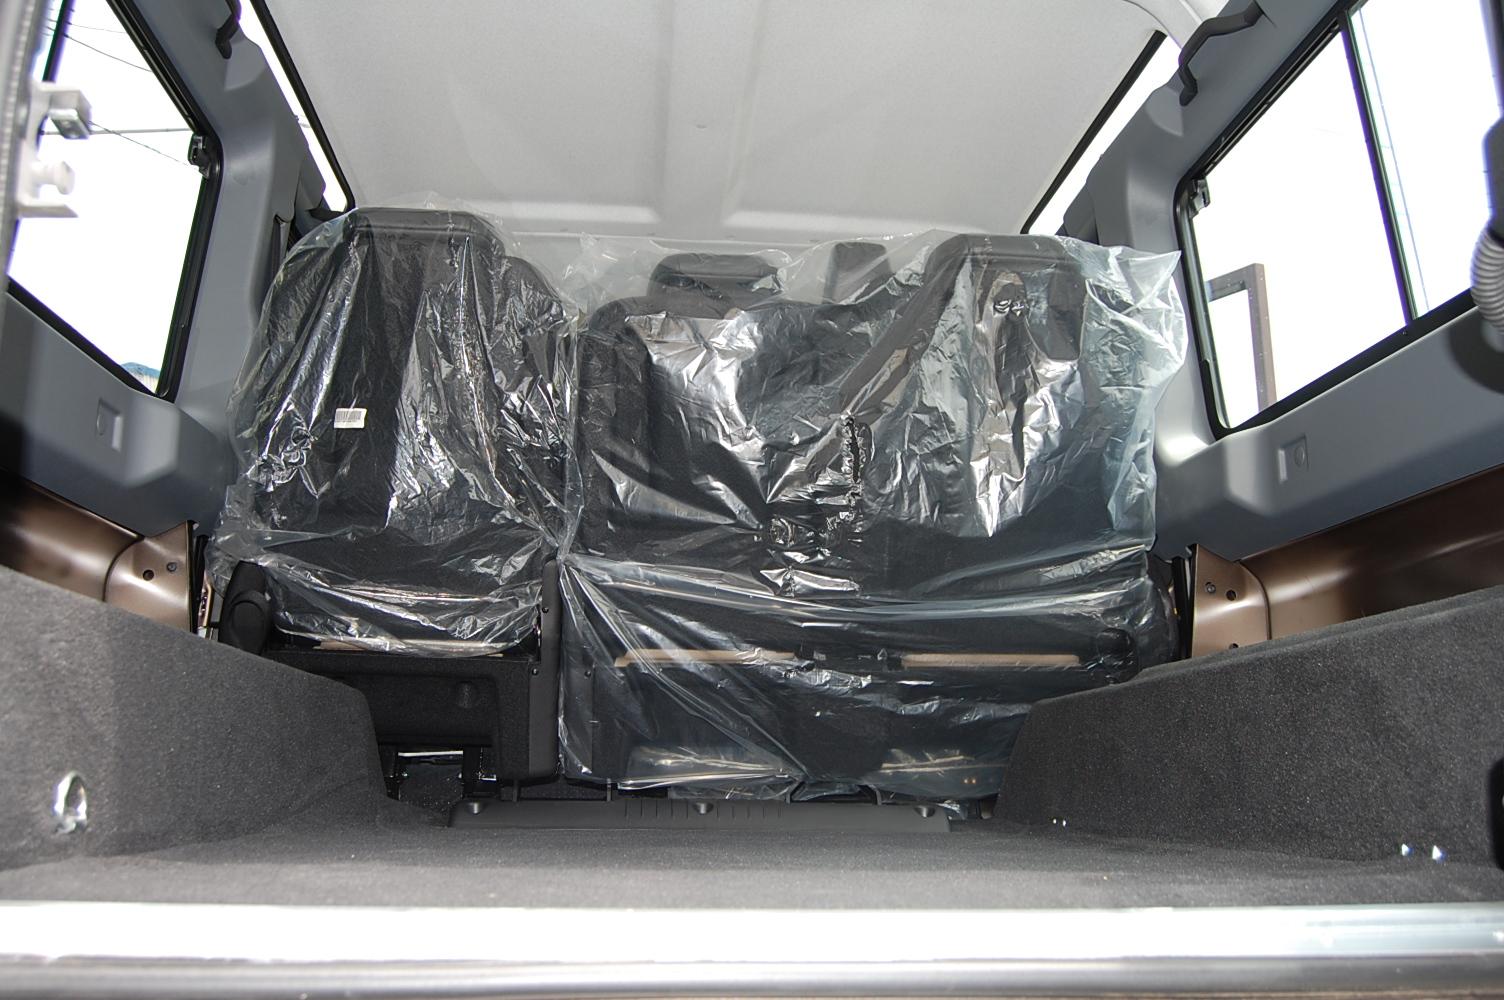 リア フロアカーペットセット UK純正品 5シート用 業界No.1 左右サイド+センターカーペット 3点セット ※大型商品のため送料別途 適合車種 限定価格セール '07-ディフェンダー110※ビジター価格